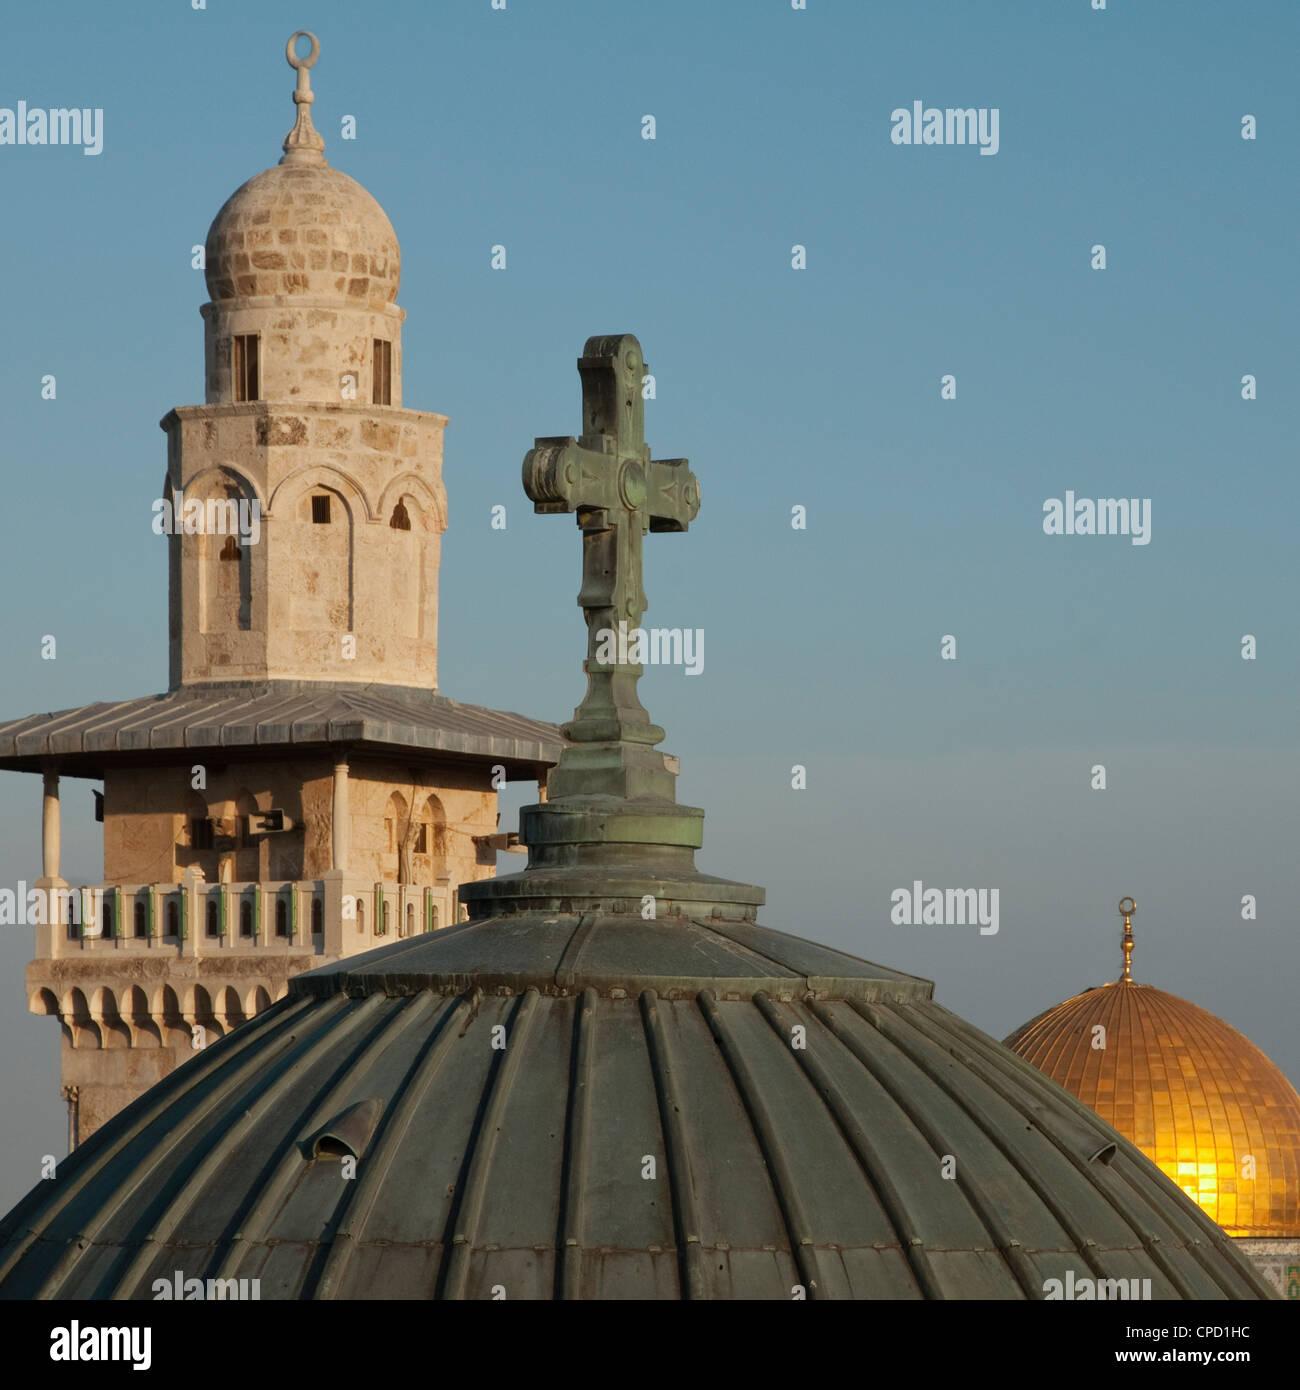 Ecce Homo-Dome, Minarett und Kuppel des Rock, Jerusalem, Israel, Nahost Stockbild